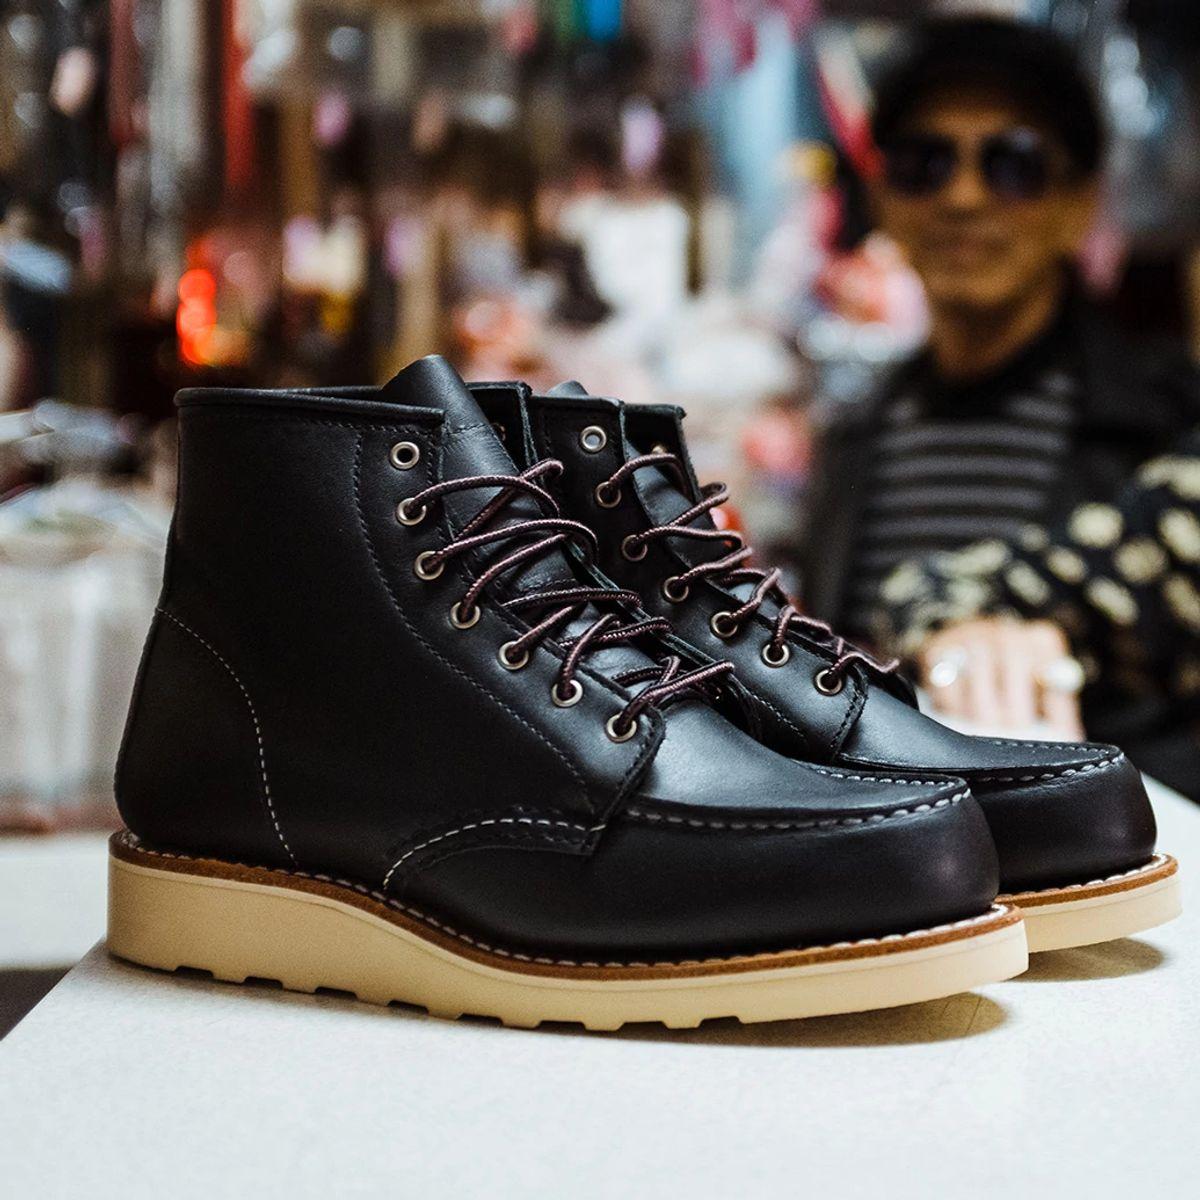 Style No. 3392